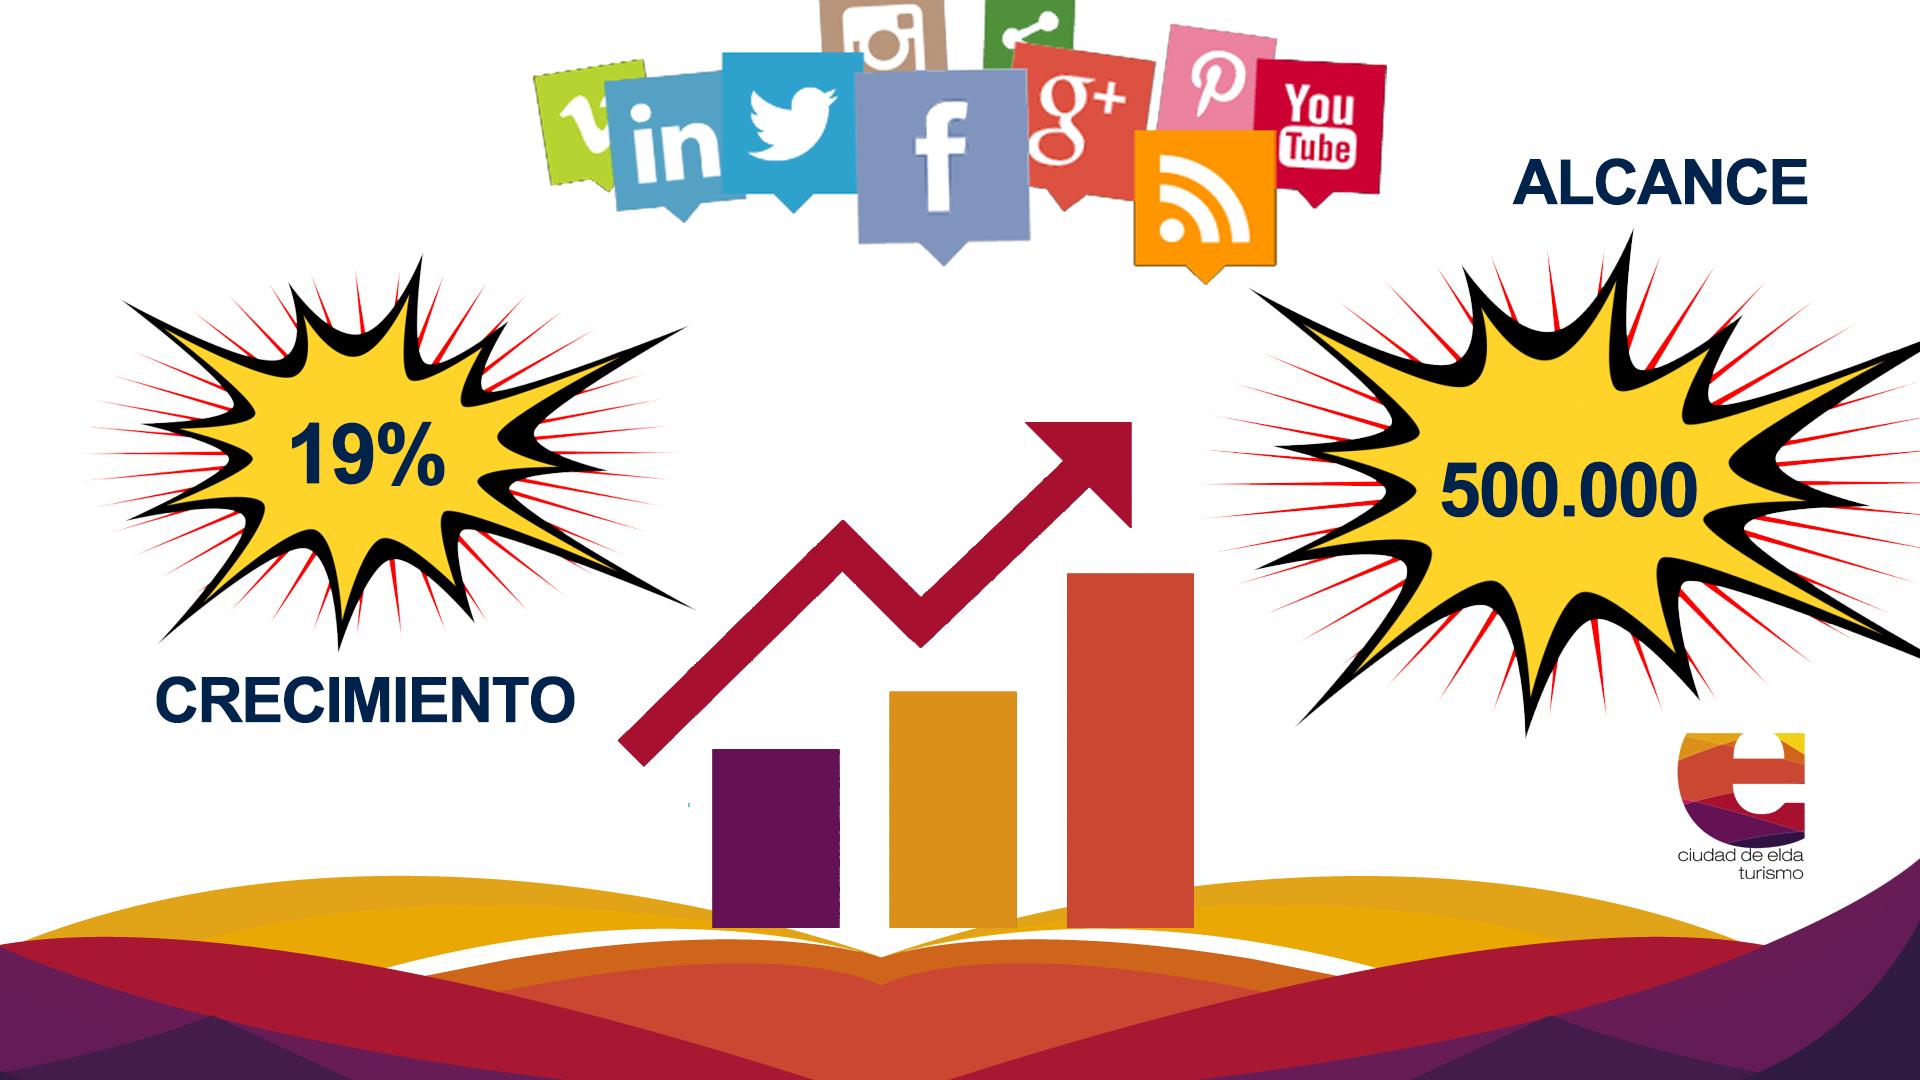 La Concejalía de Turismo aumenta un 30% en Instagram y un 19% en Facebook sus seguidores en redes sociales durante los últimos meses